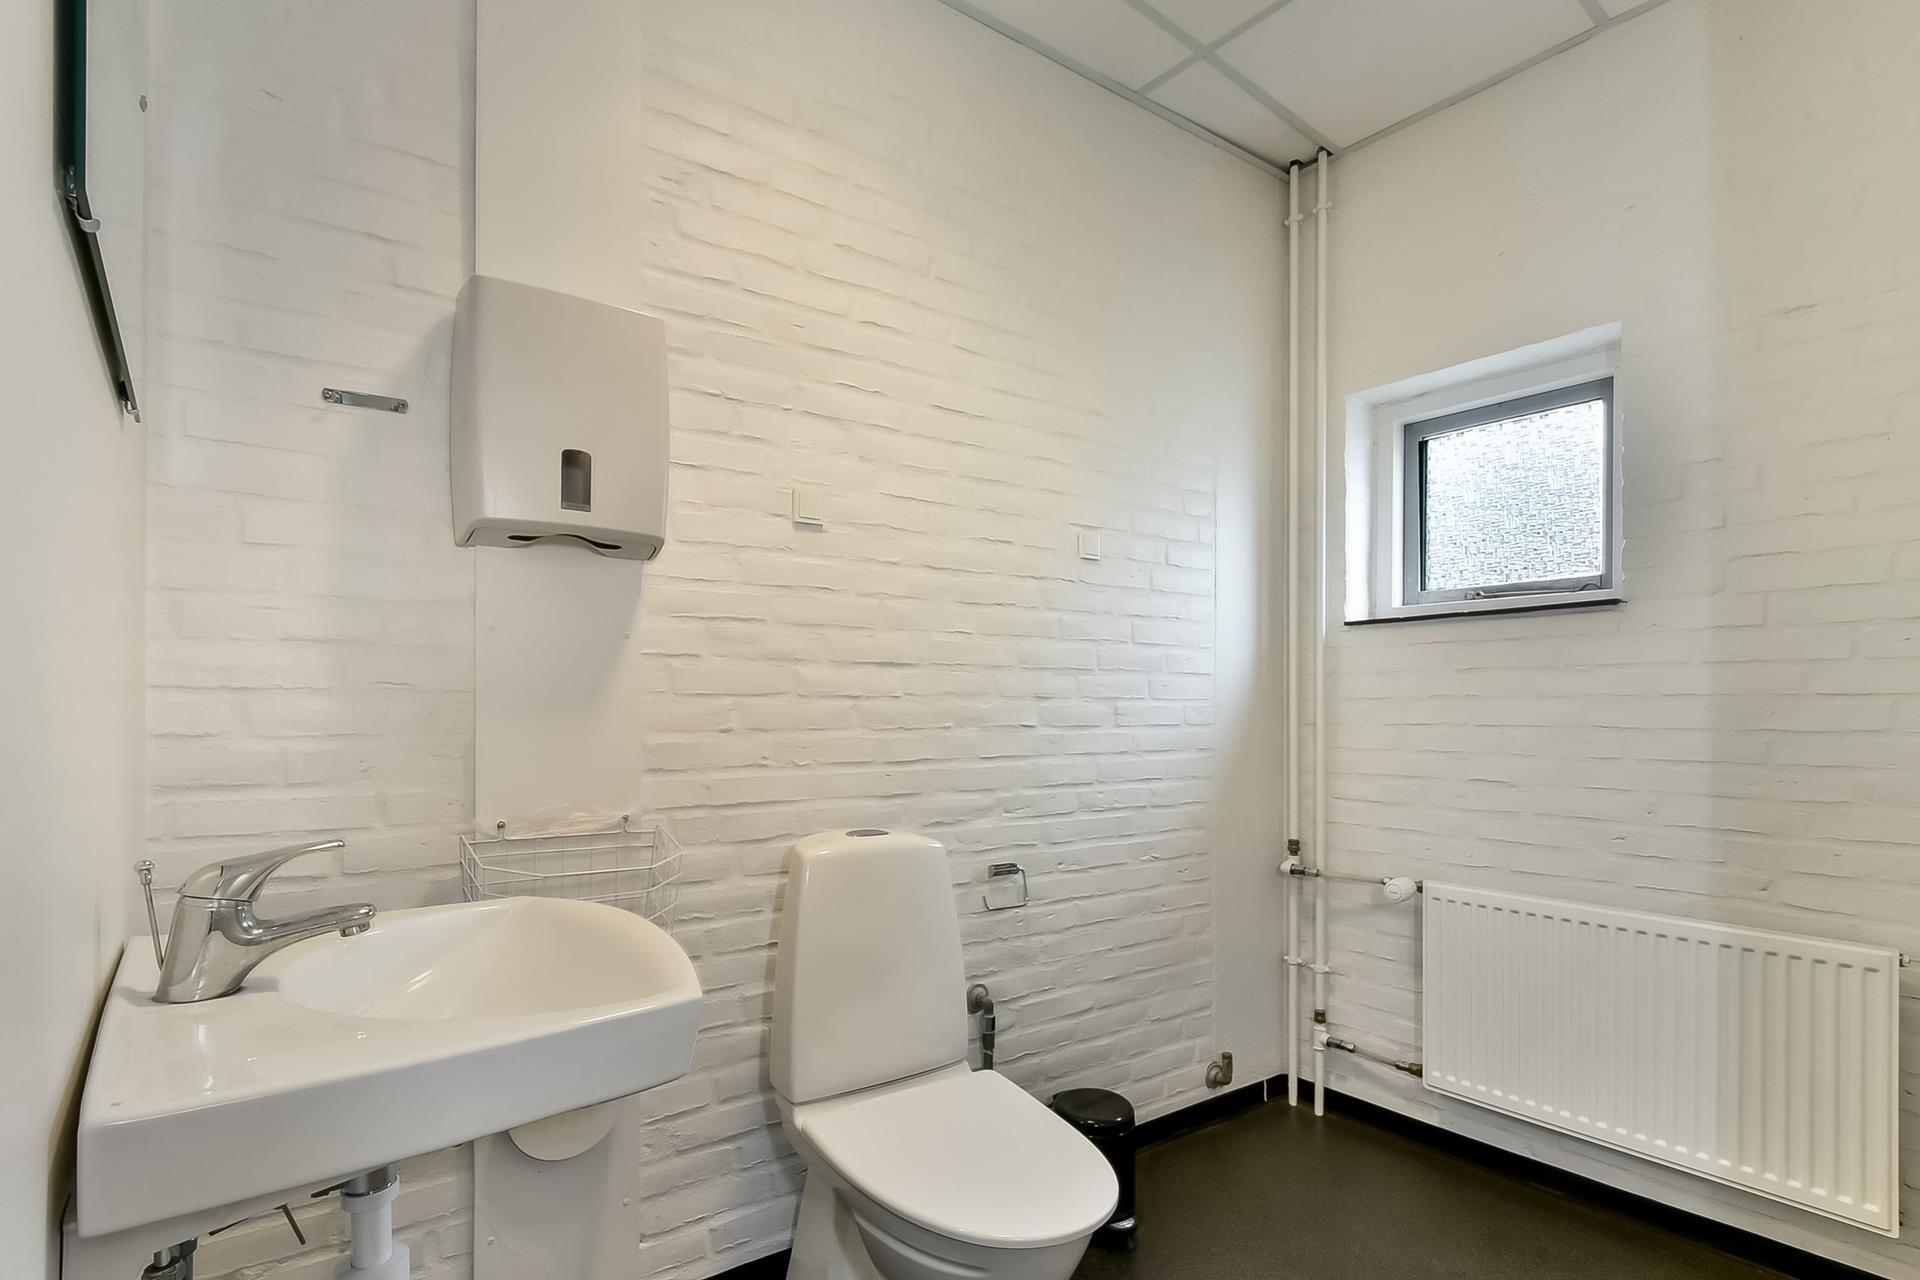 Bolig/erhverv på Bredgade i Herning - Toilet